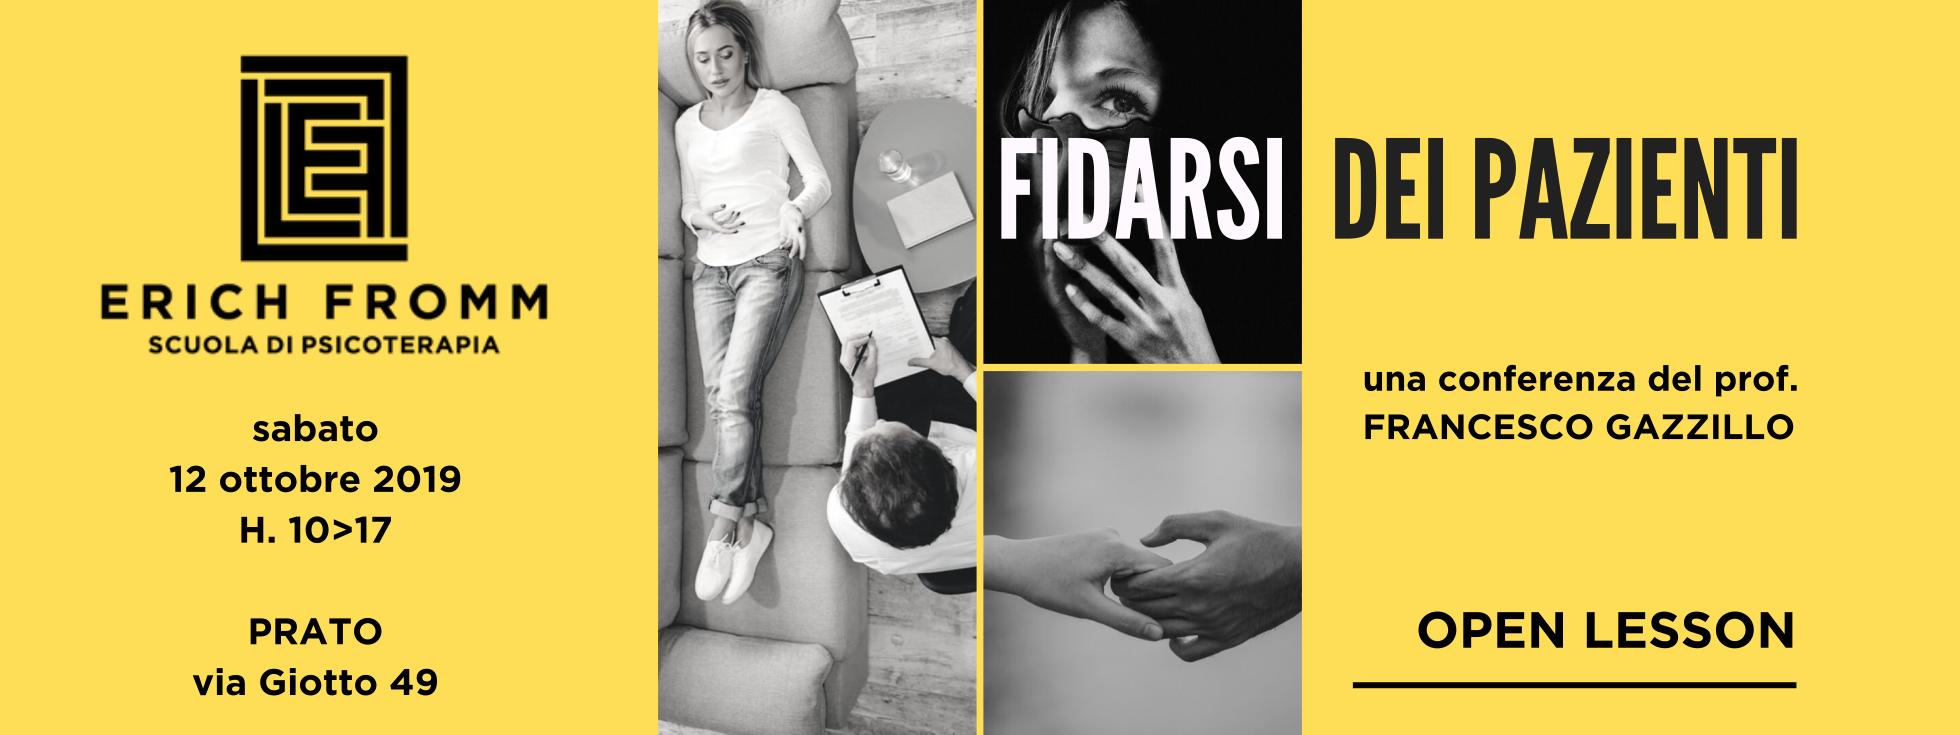 2019.10.12 GAZZILLO - FIDARSI DEI PAZIENTI sito banner